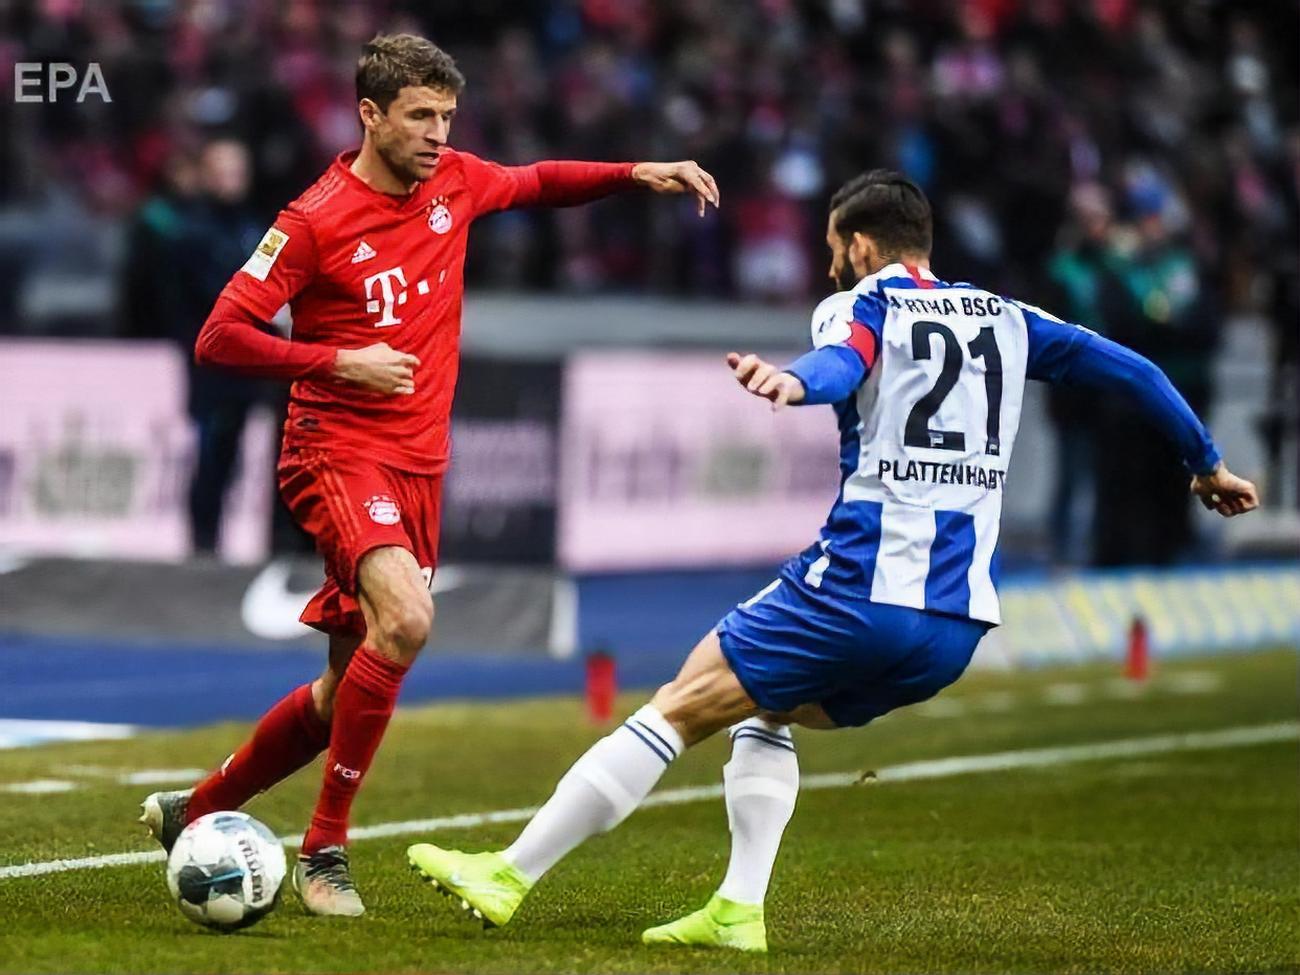 Бавария боруссия м 0 2 голы